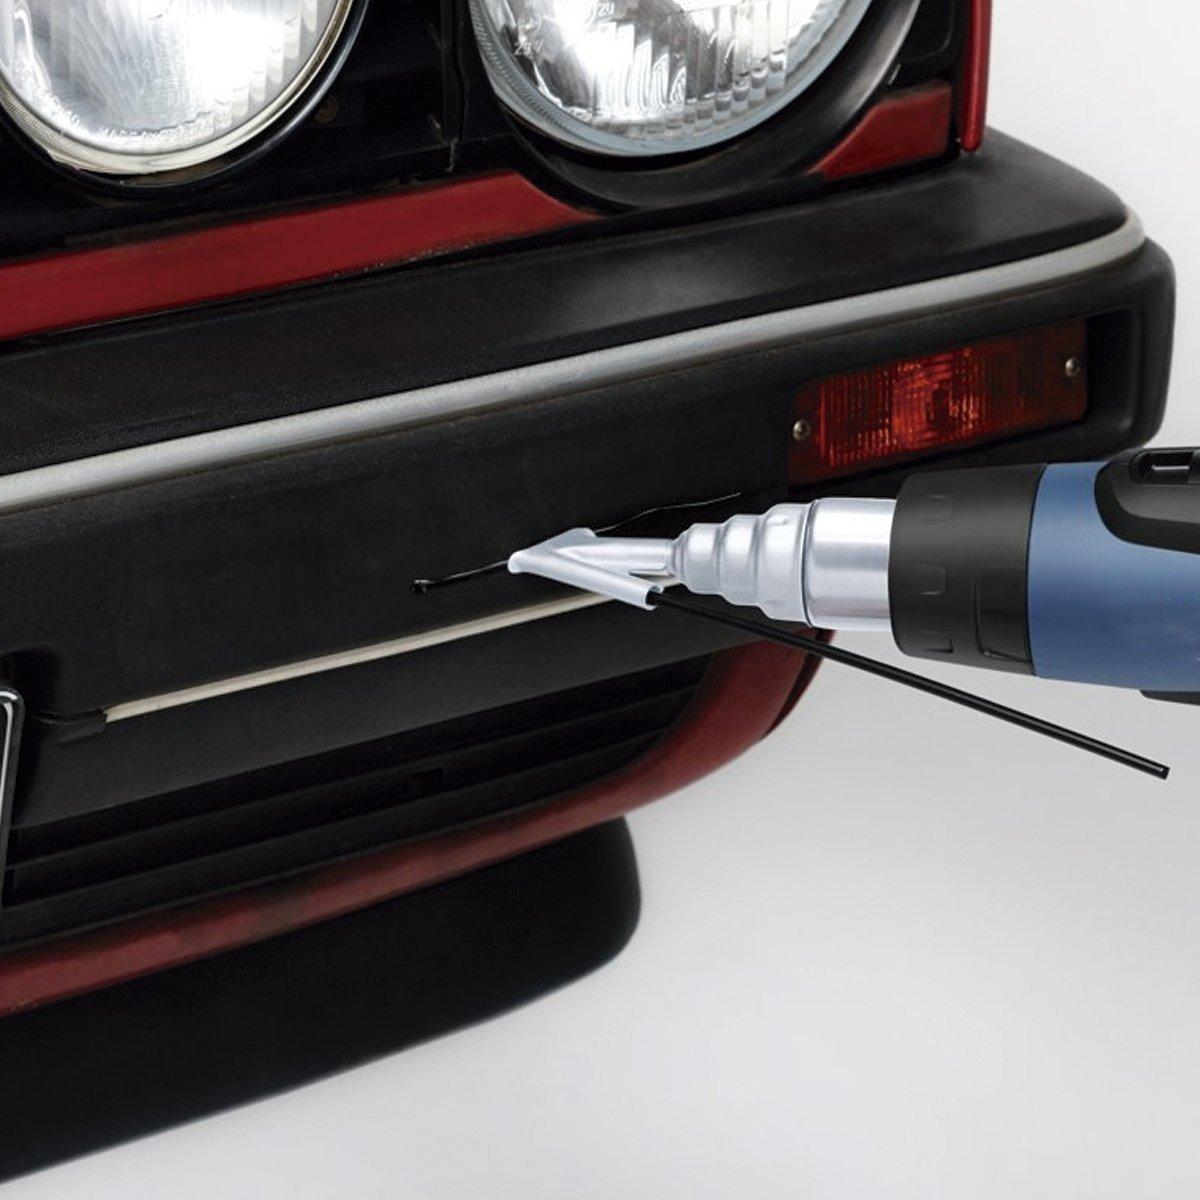 100GR PP POLIPROPILENO soldadura triangular negro para soldar plástico paragolpes coche - PROFESIONAL: Amazon.es: Bricolaje y herramientas